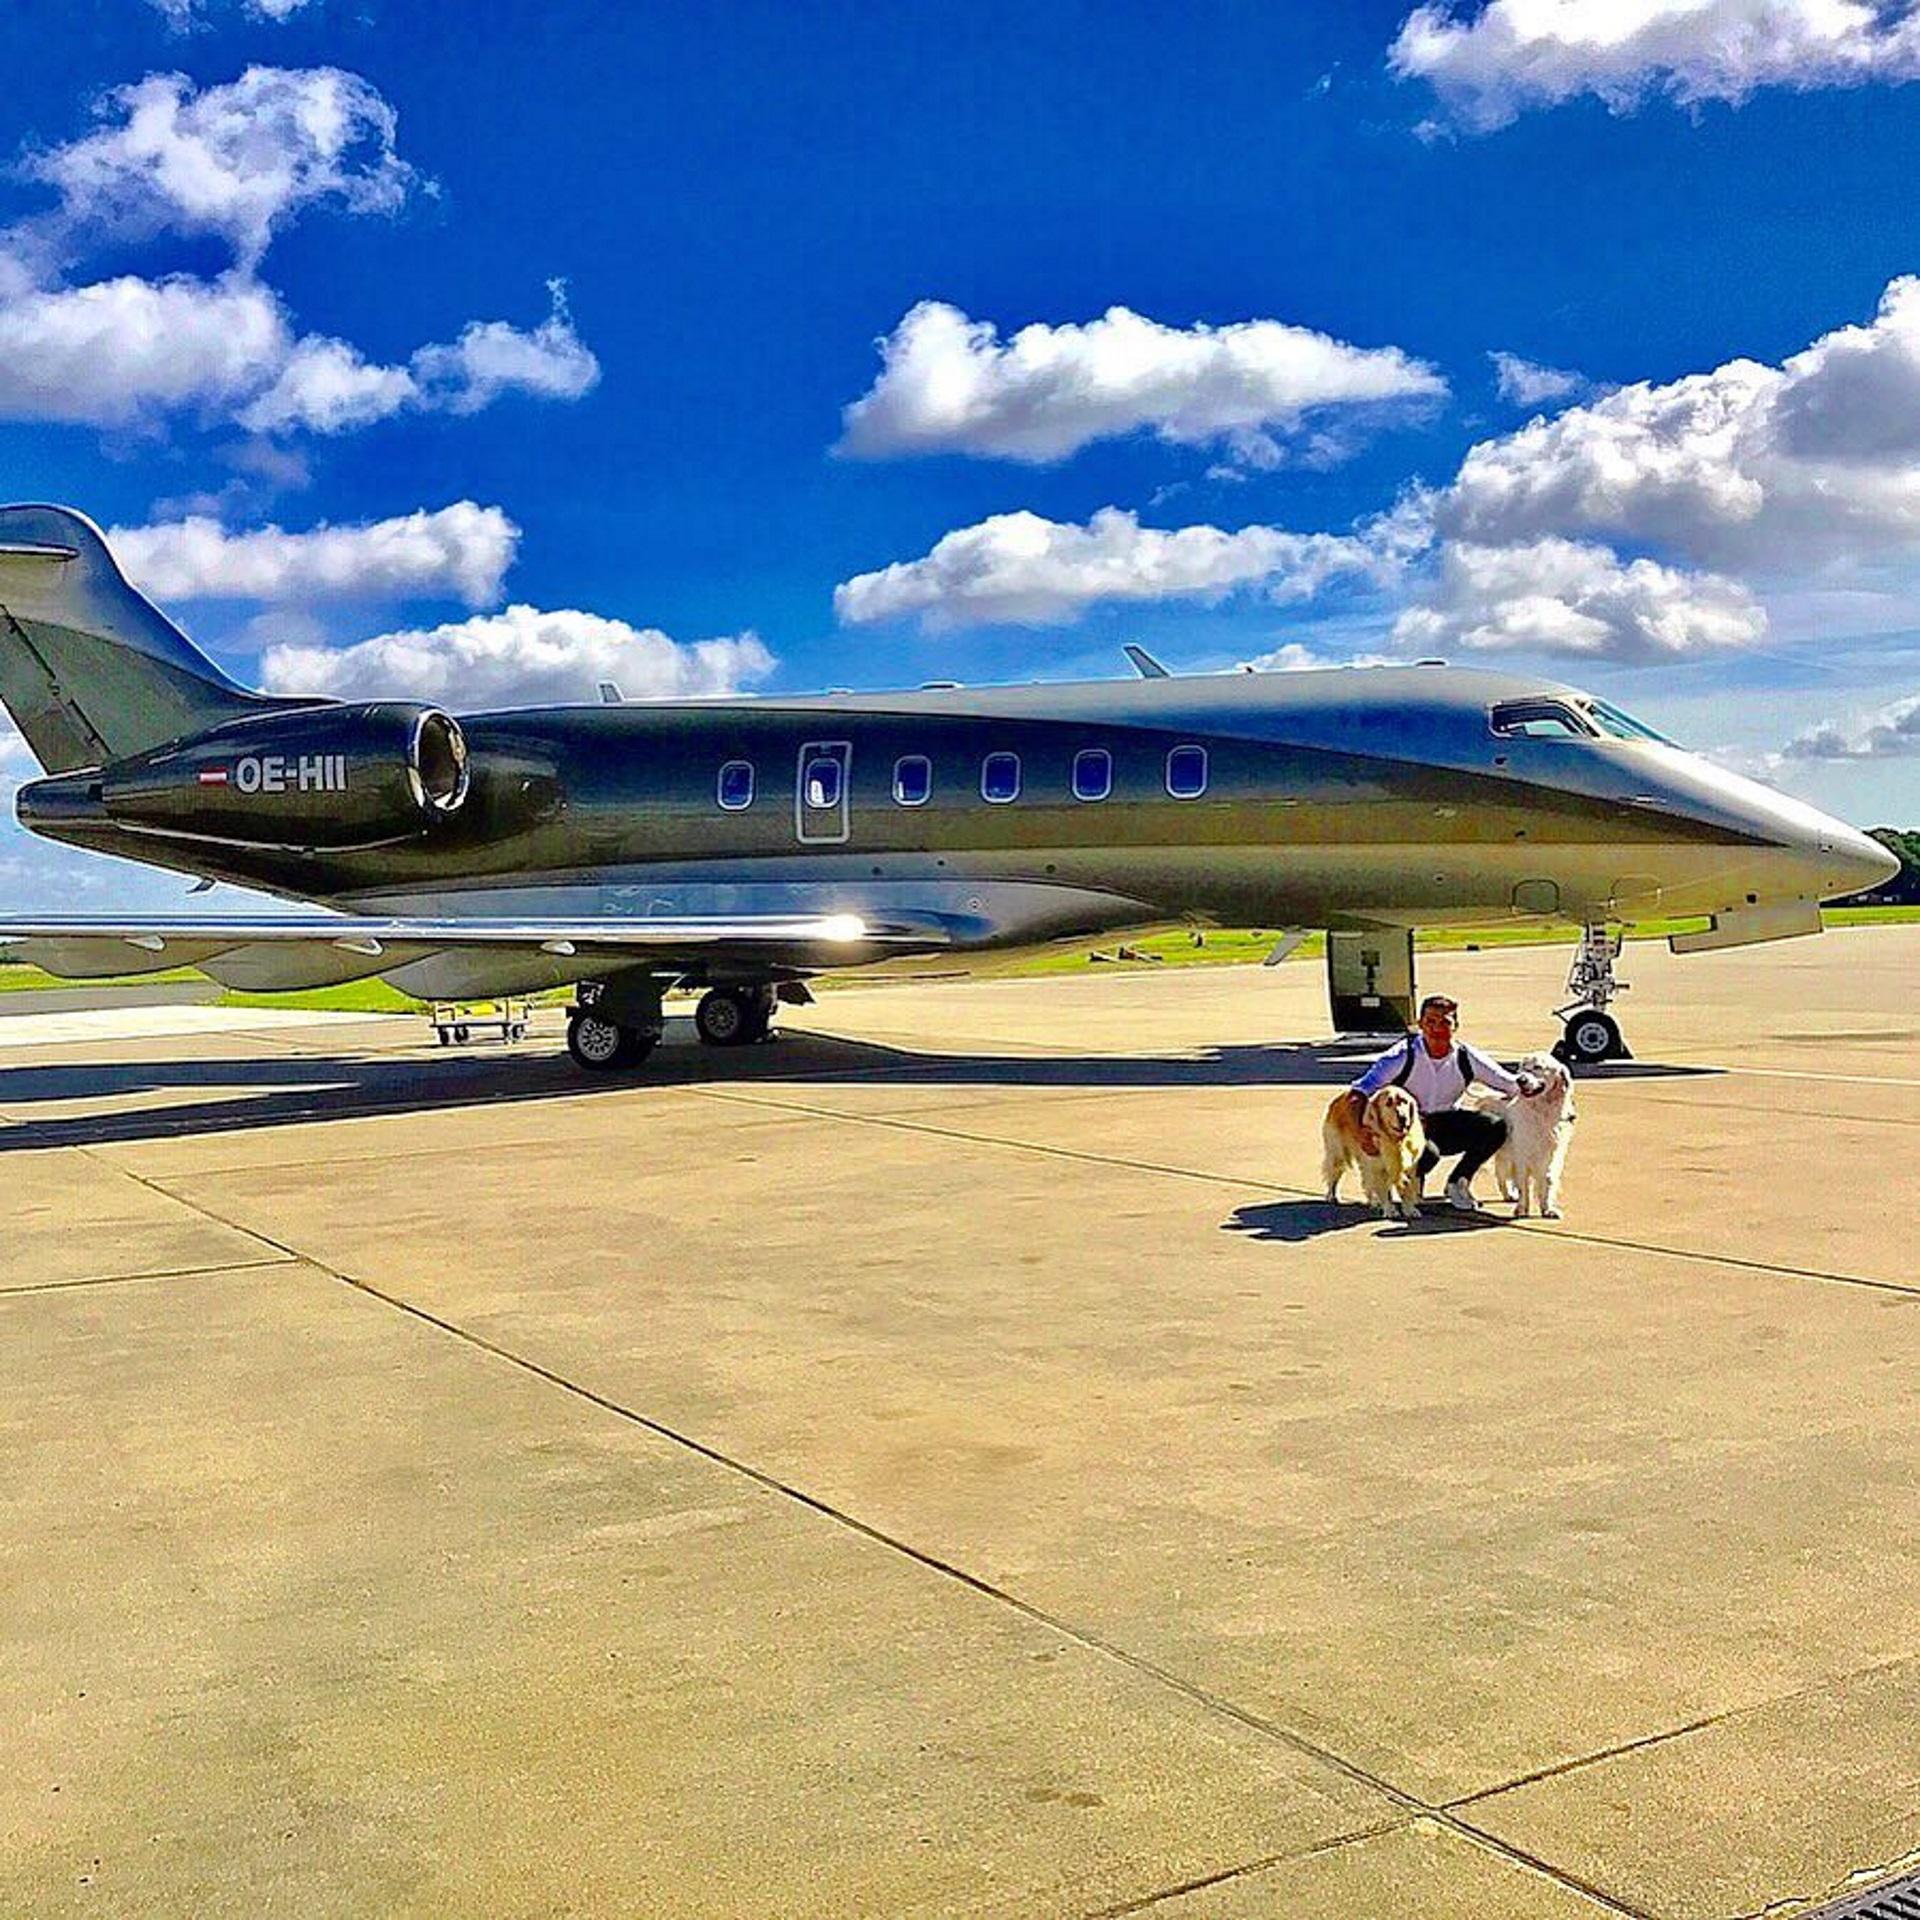 El chileno Alexis Suárez viajó en avión privado con sus perros: Atom y Humber